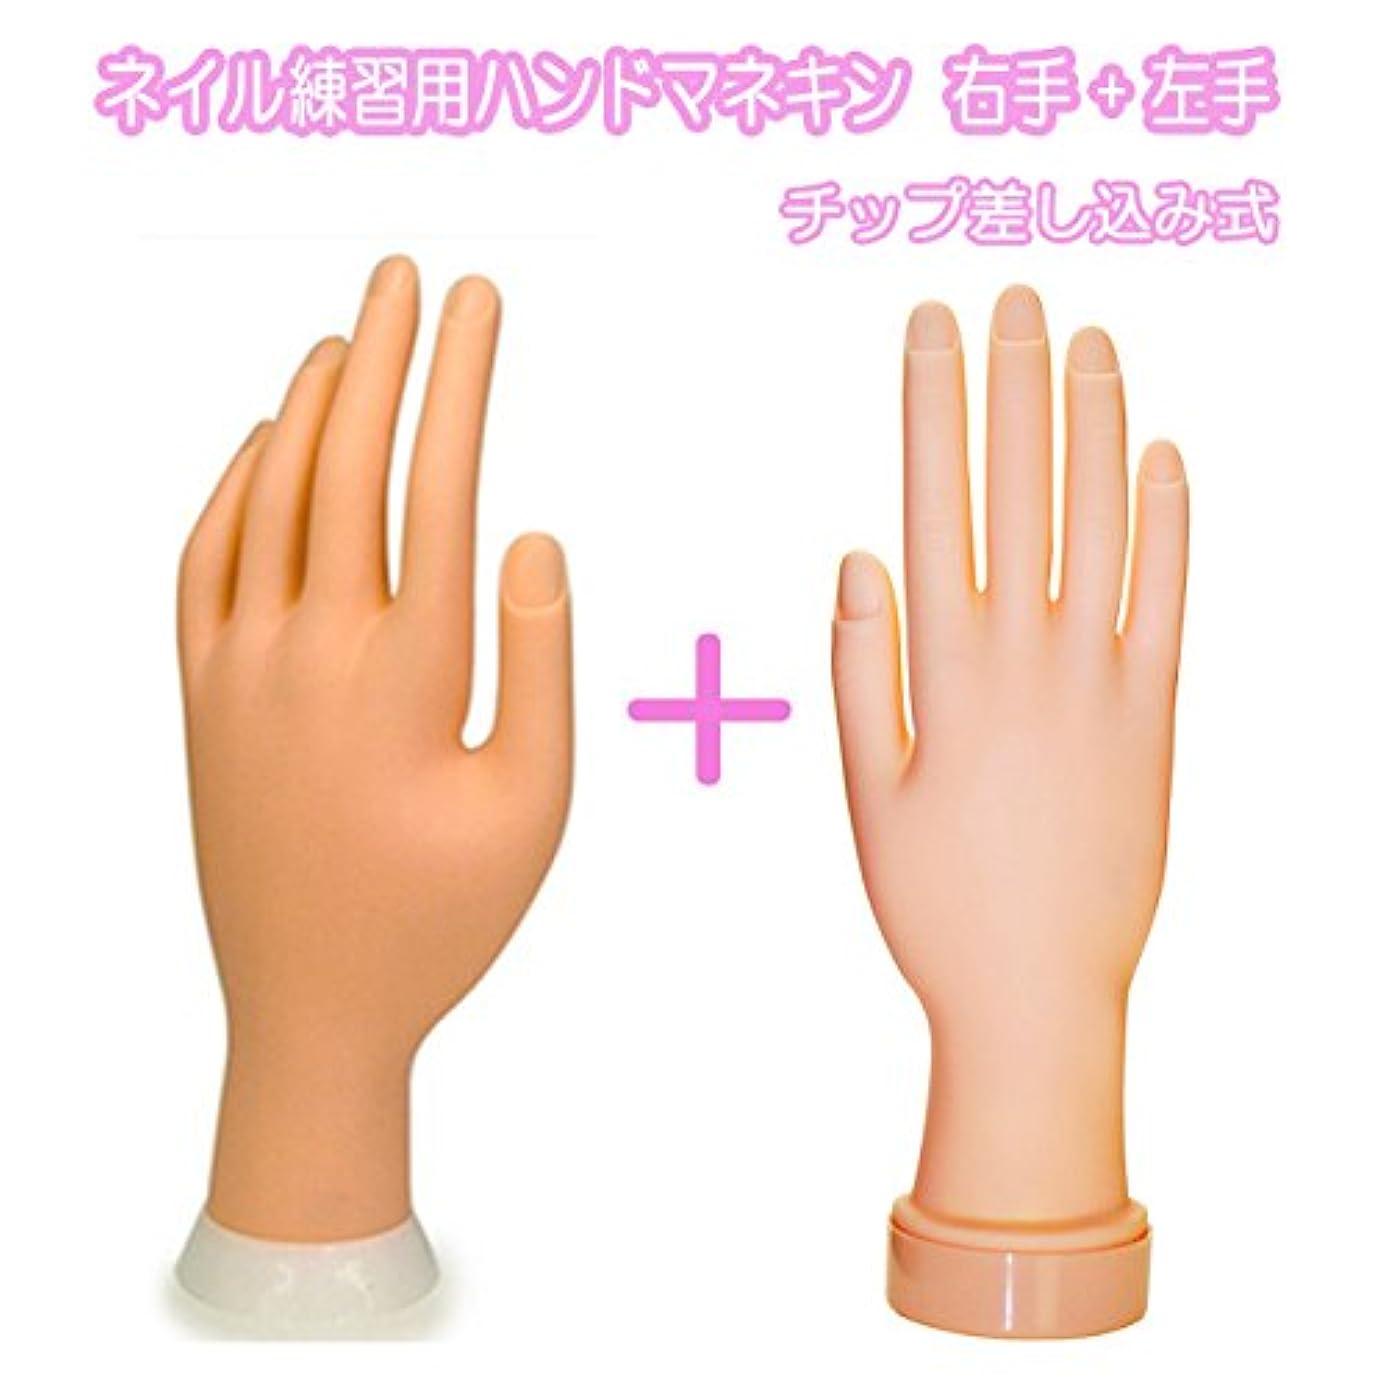 潤滑するやろうなにネイル練習用ハンドマネキン2個(右手/左手)/チップ差し込み式 (右手1個+左手1個)